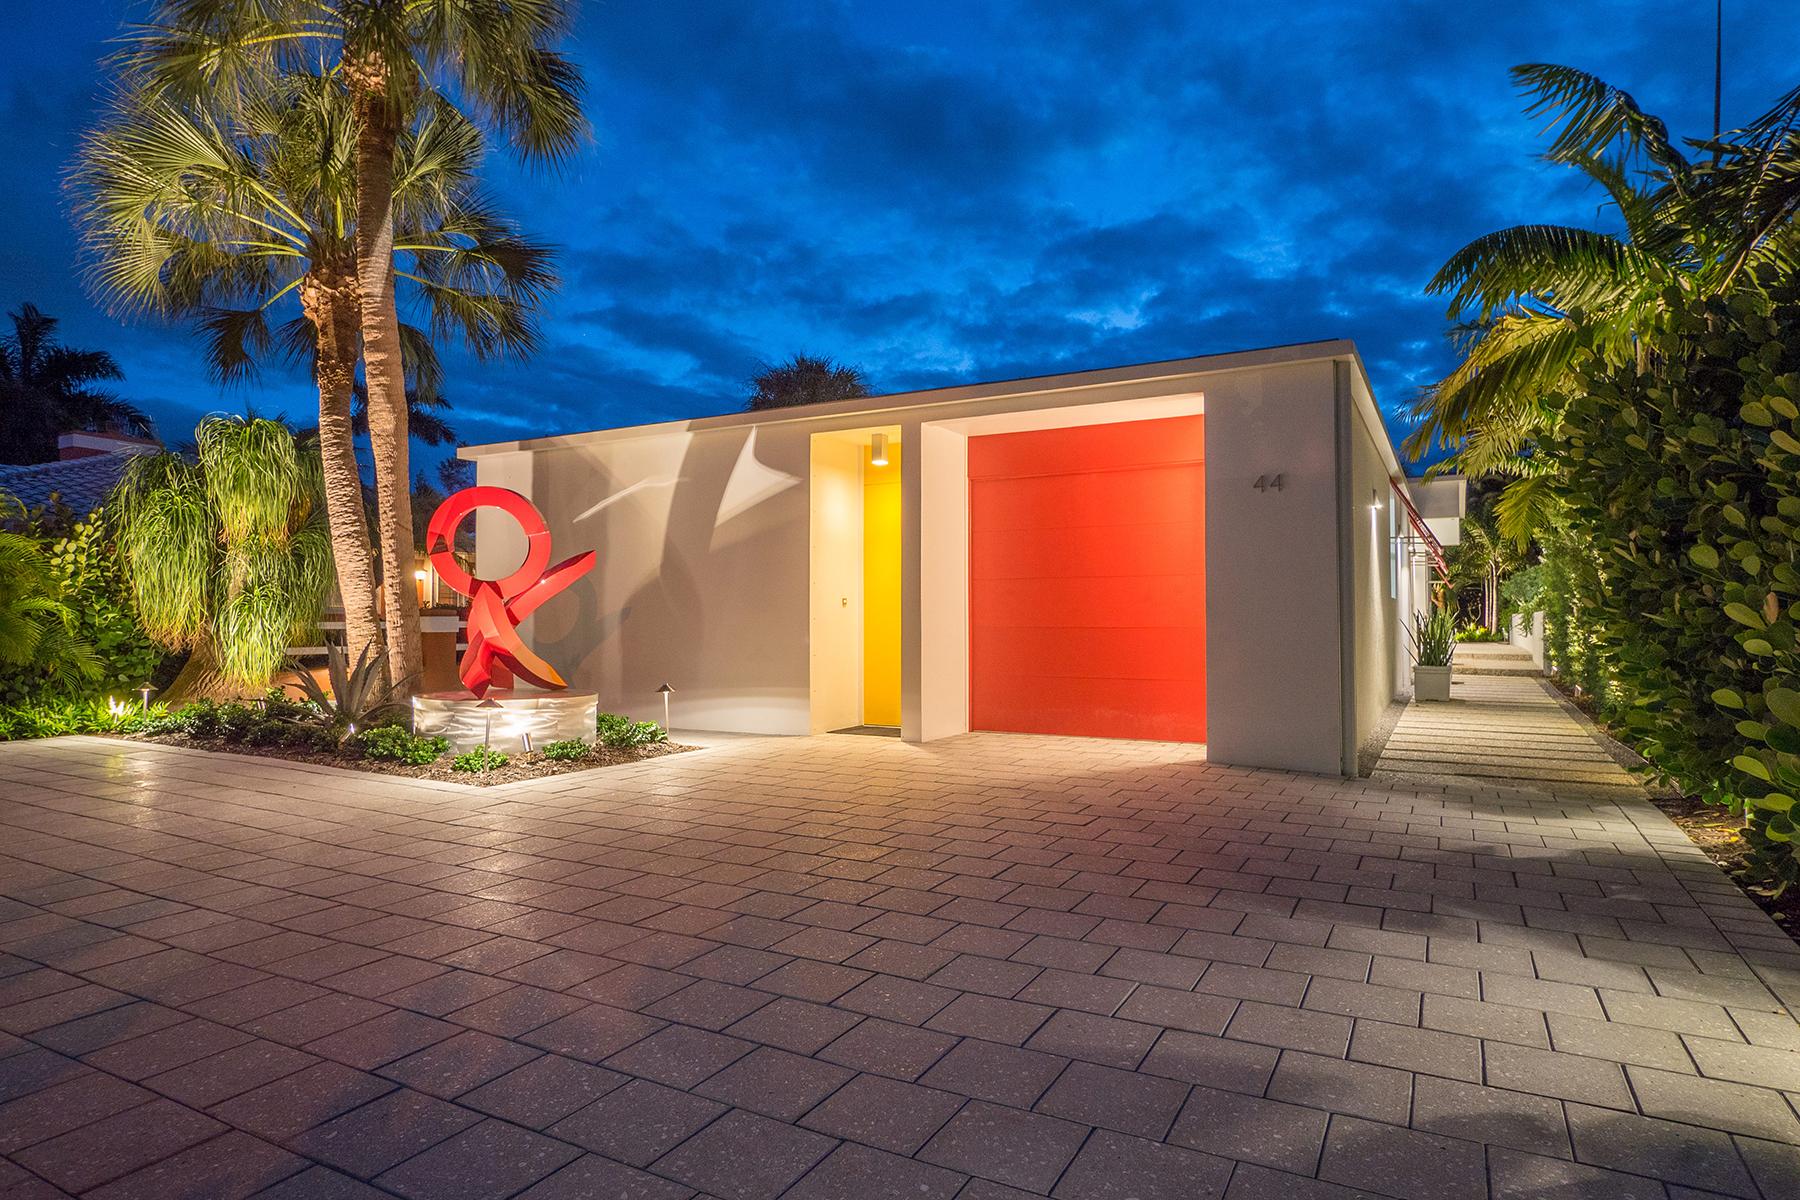 단독 가정 주택 용 매매 에 ST. ARMANDS 44 S Washington Dr St. Armands, Sarasota, 플로리다, 34236 미국